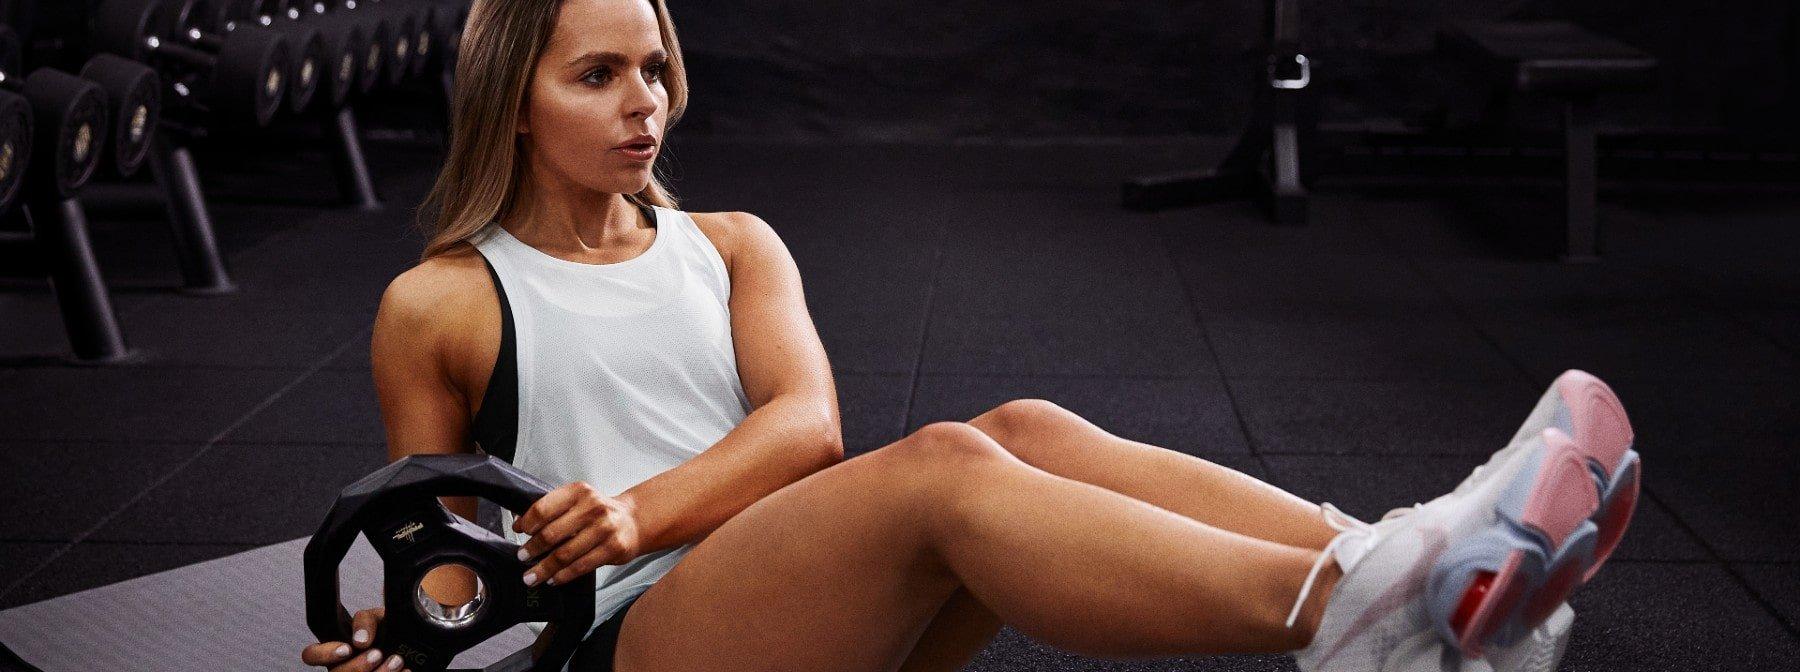 Лучшие топы для женщин этим летом I Для спортзала